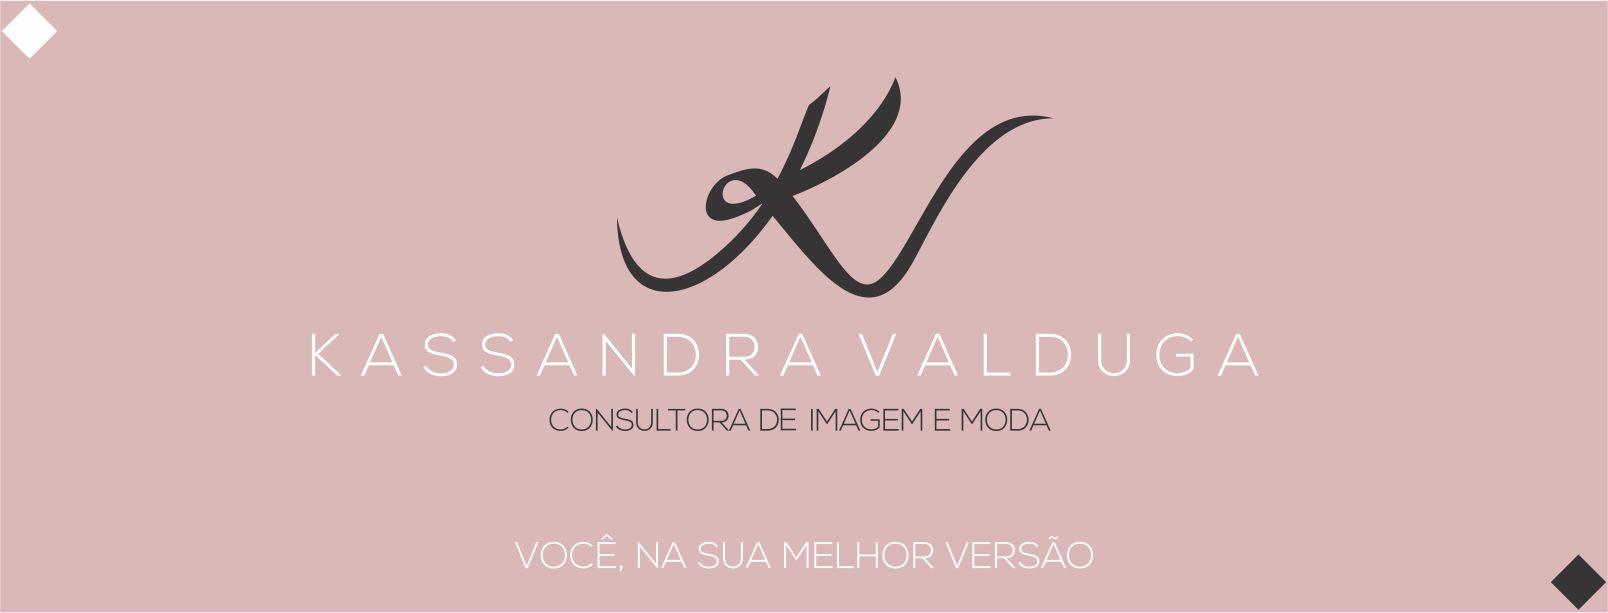 (c) Kassandravalduga.com.br